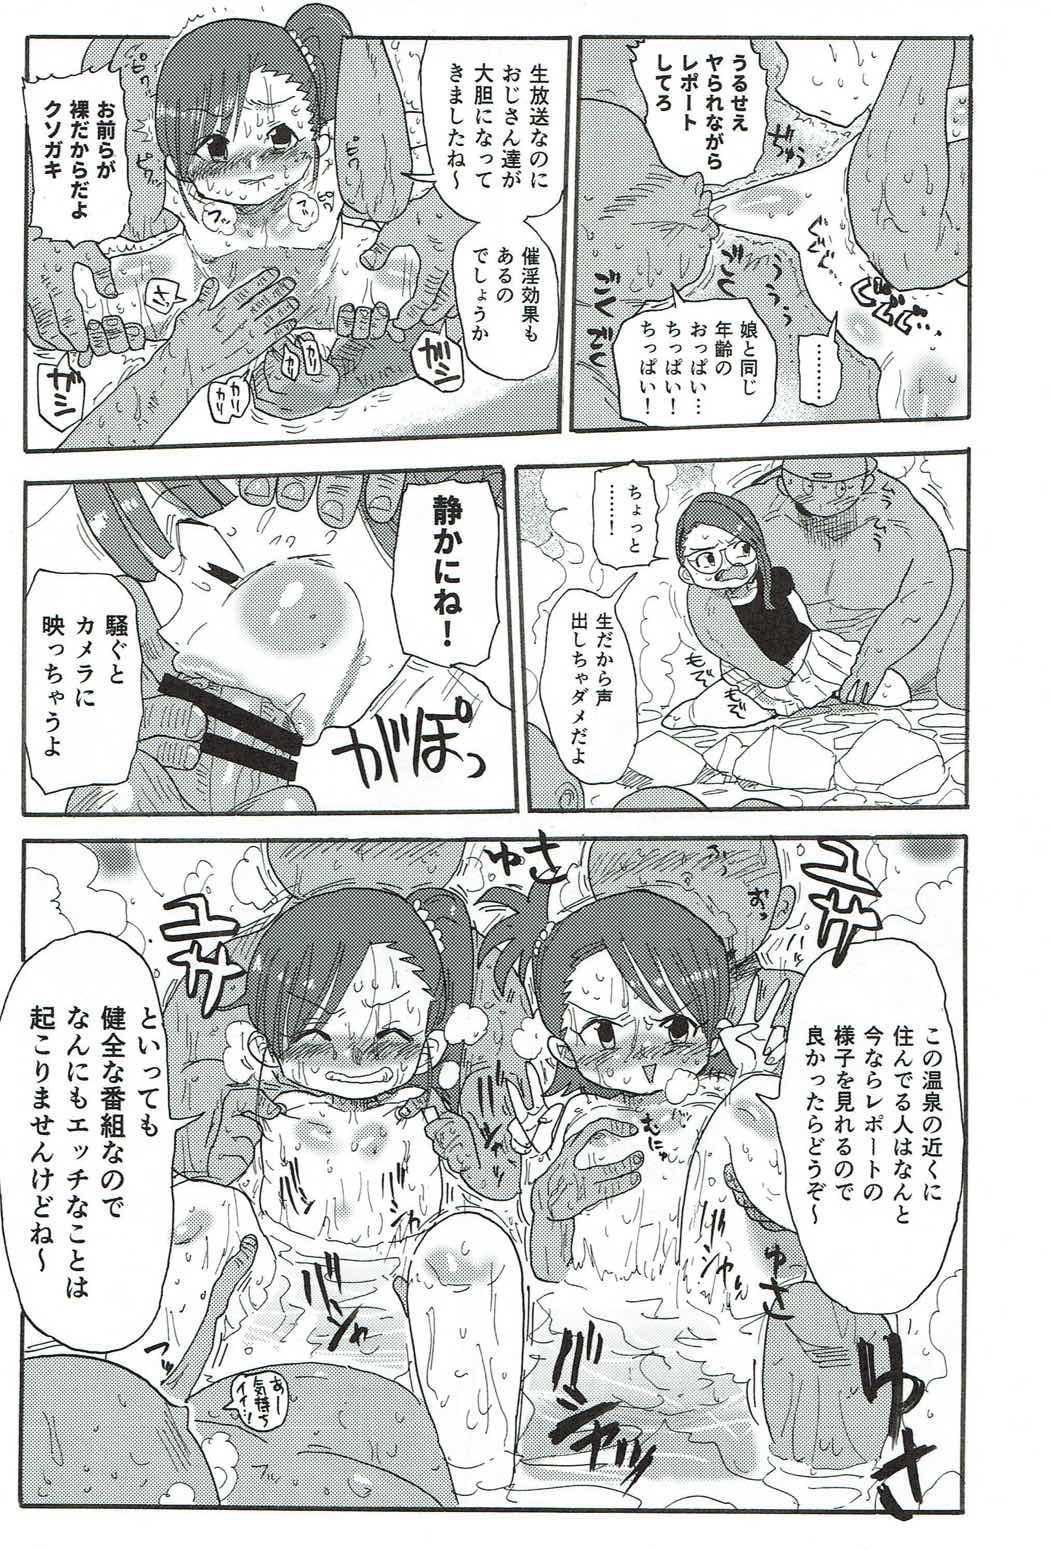 765 Pro Dosukebe Namahousou 24-jikan Televi Goudou 75